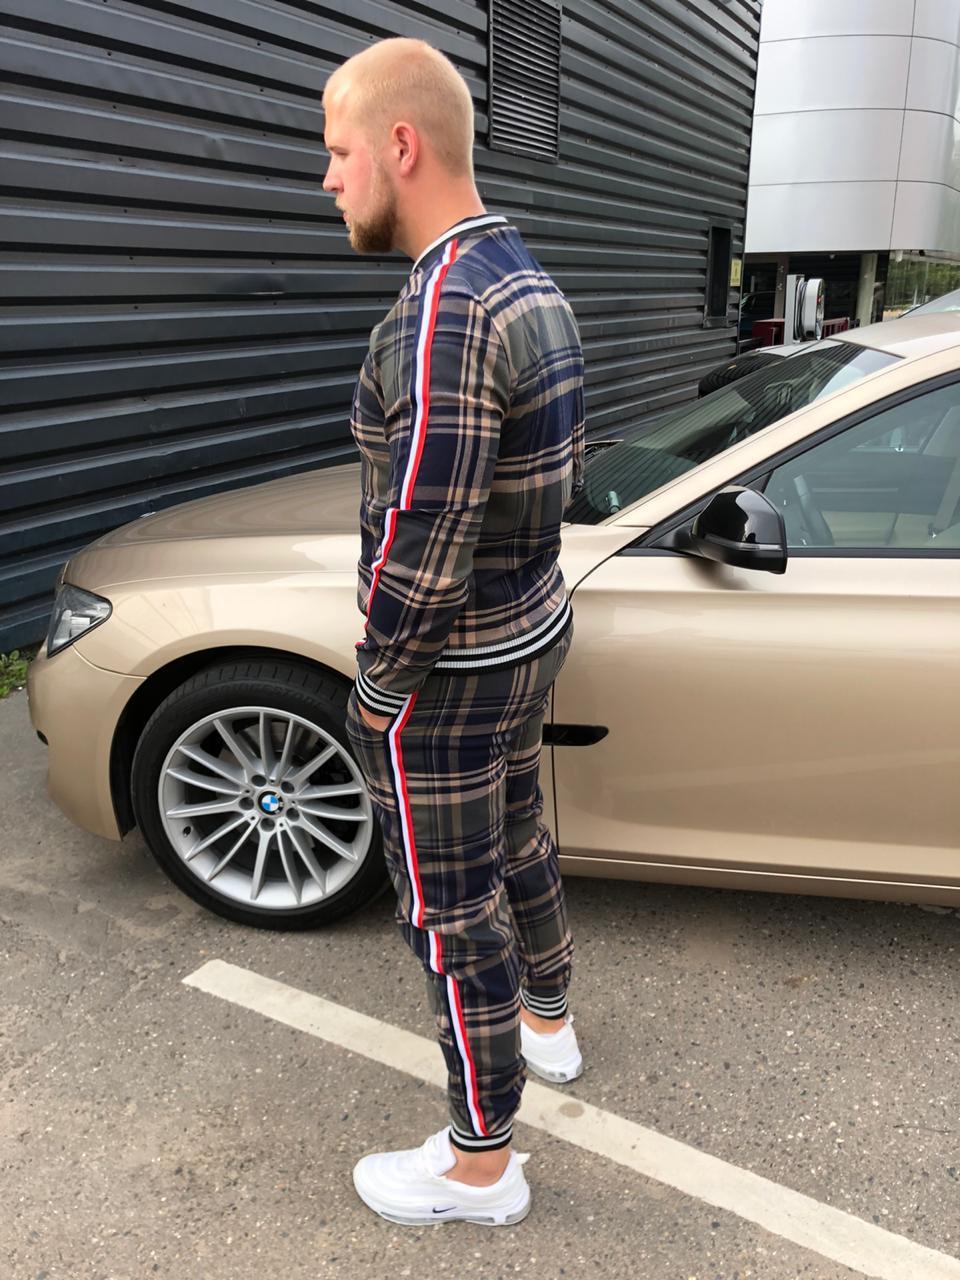 Мужской спортивный костюм из джентльменов на фоне машины